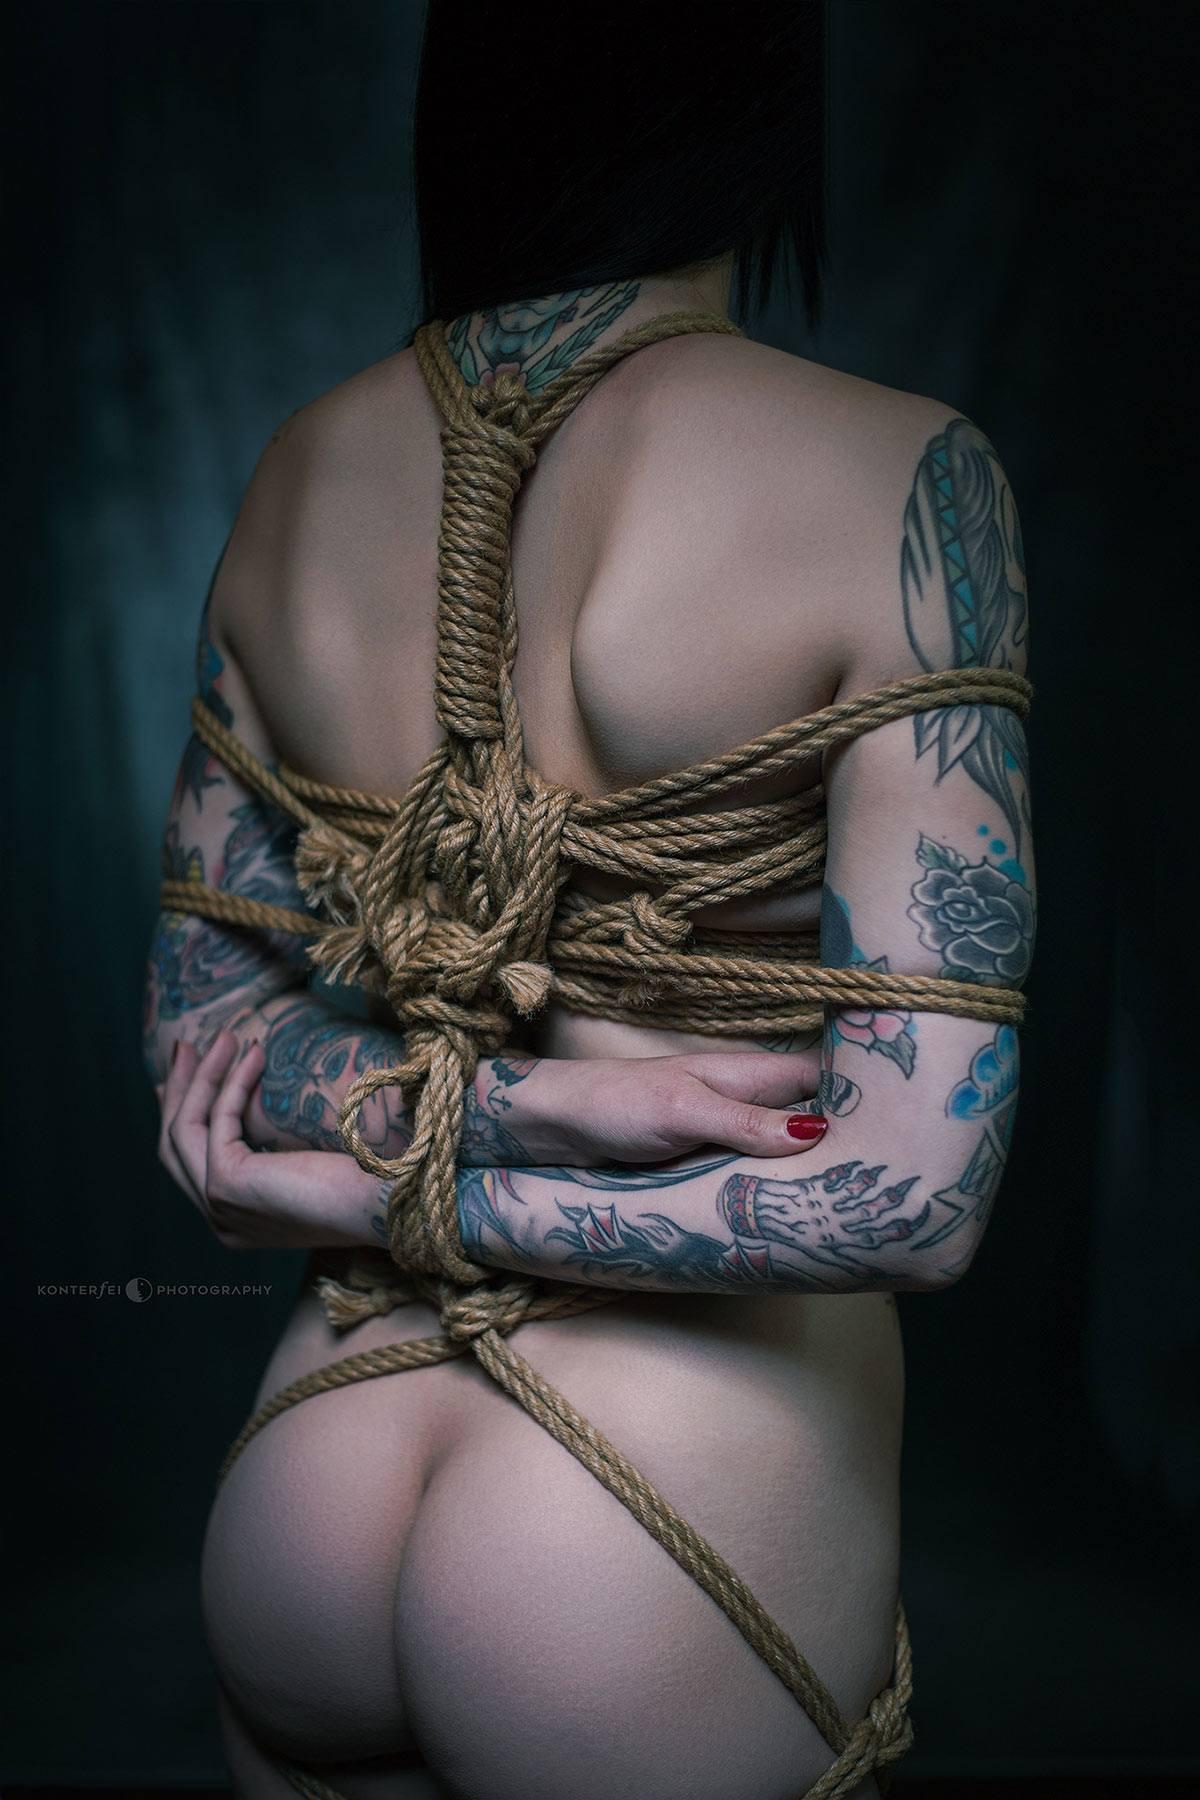 Ink and Ropes II | Bondage | Photography